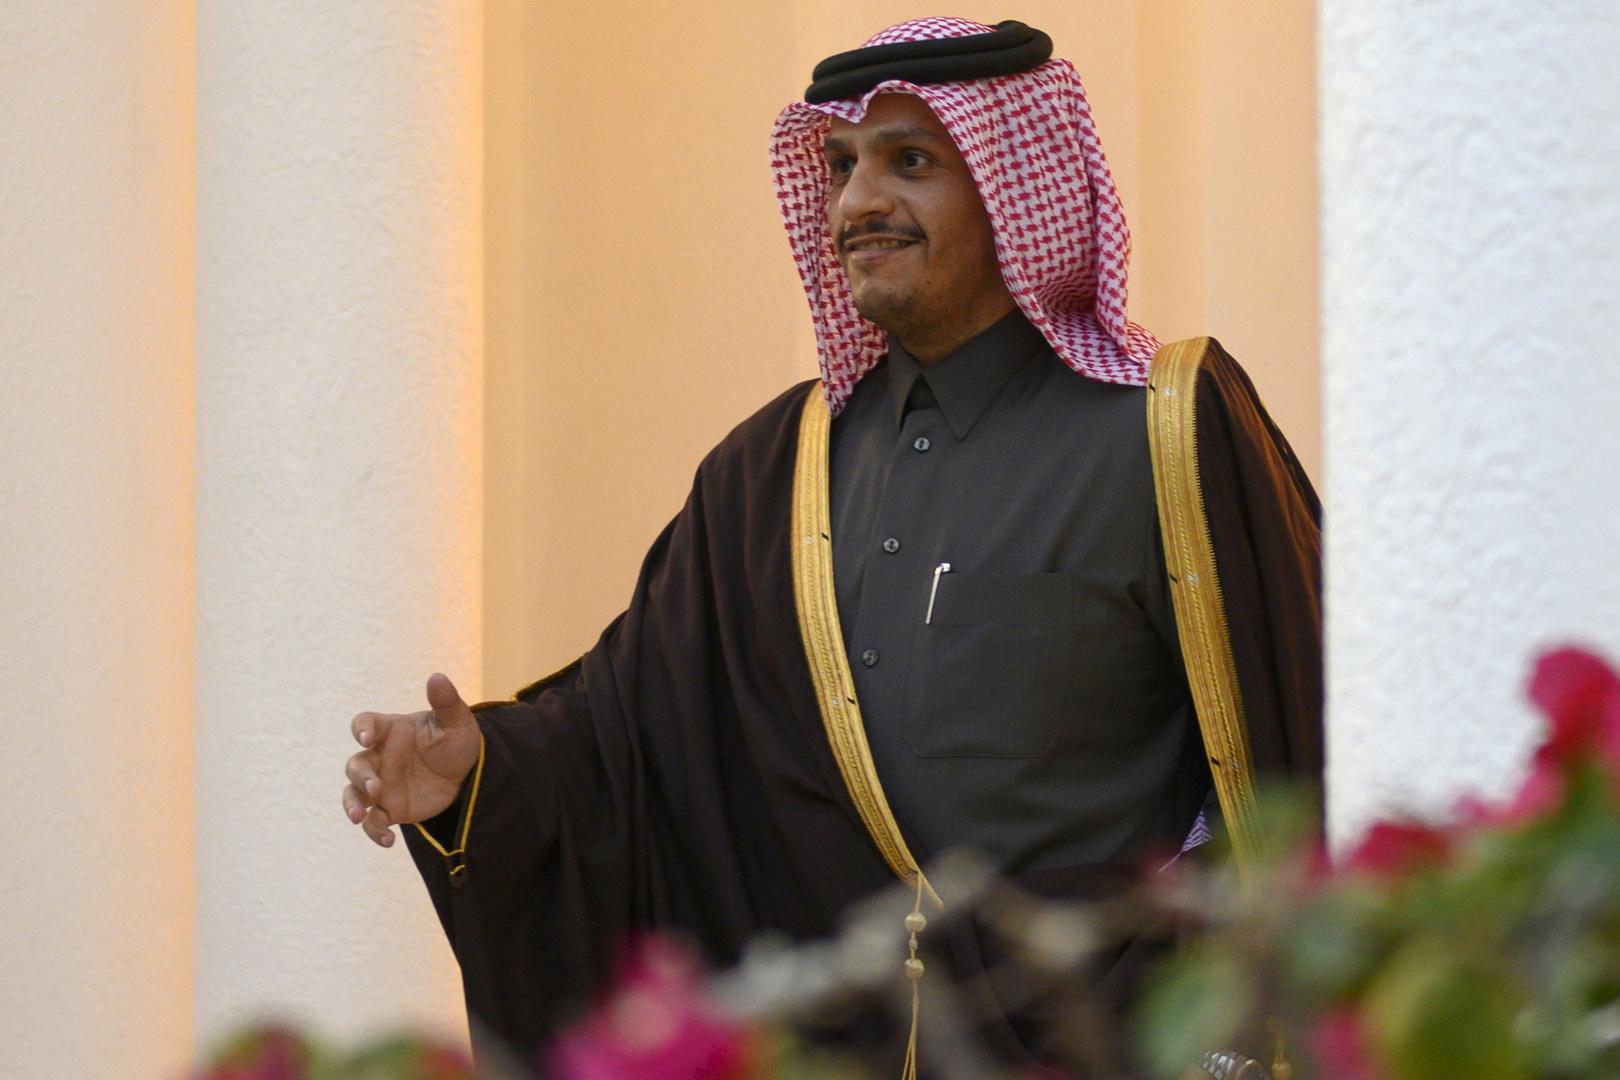 وصول وزير الخارجية القطري إلى بغداد